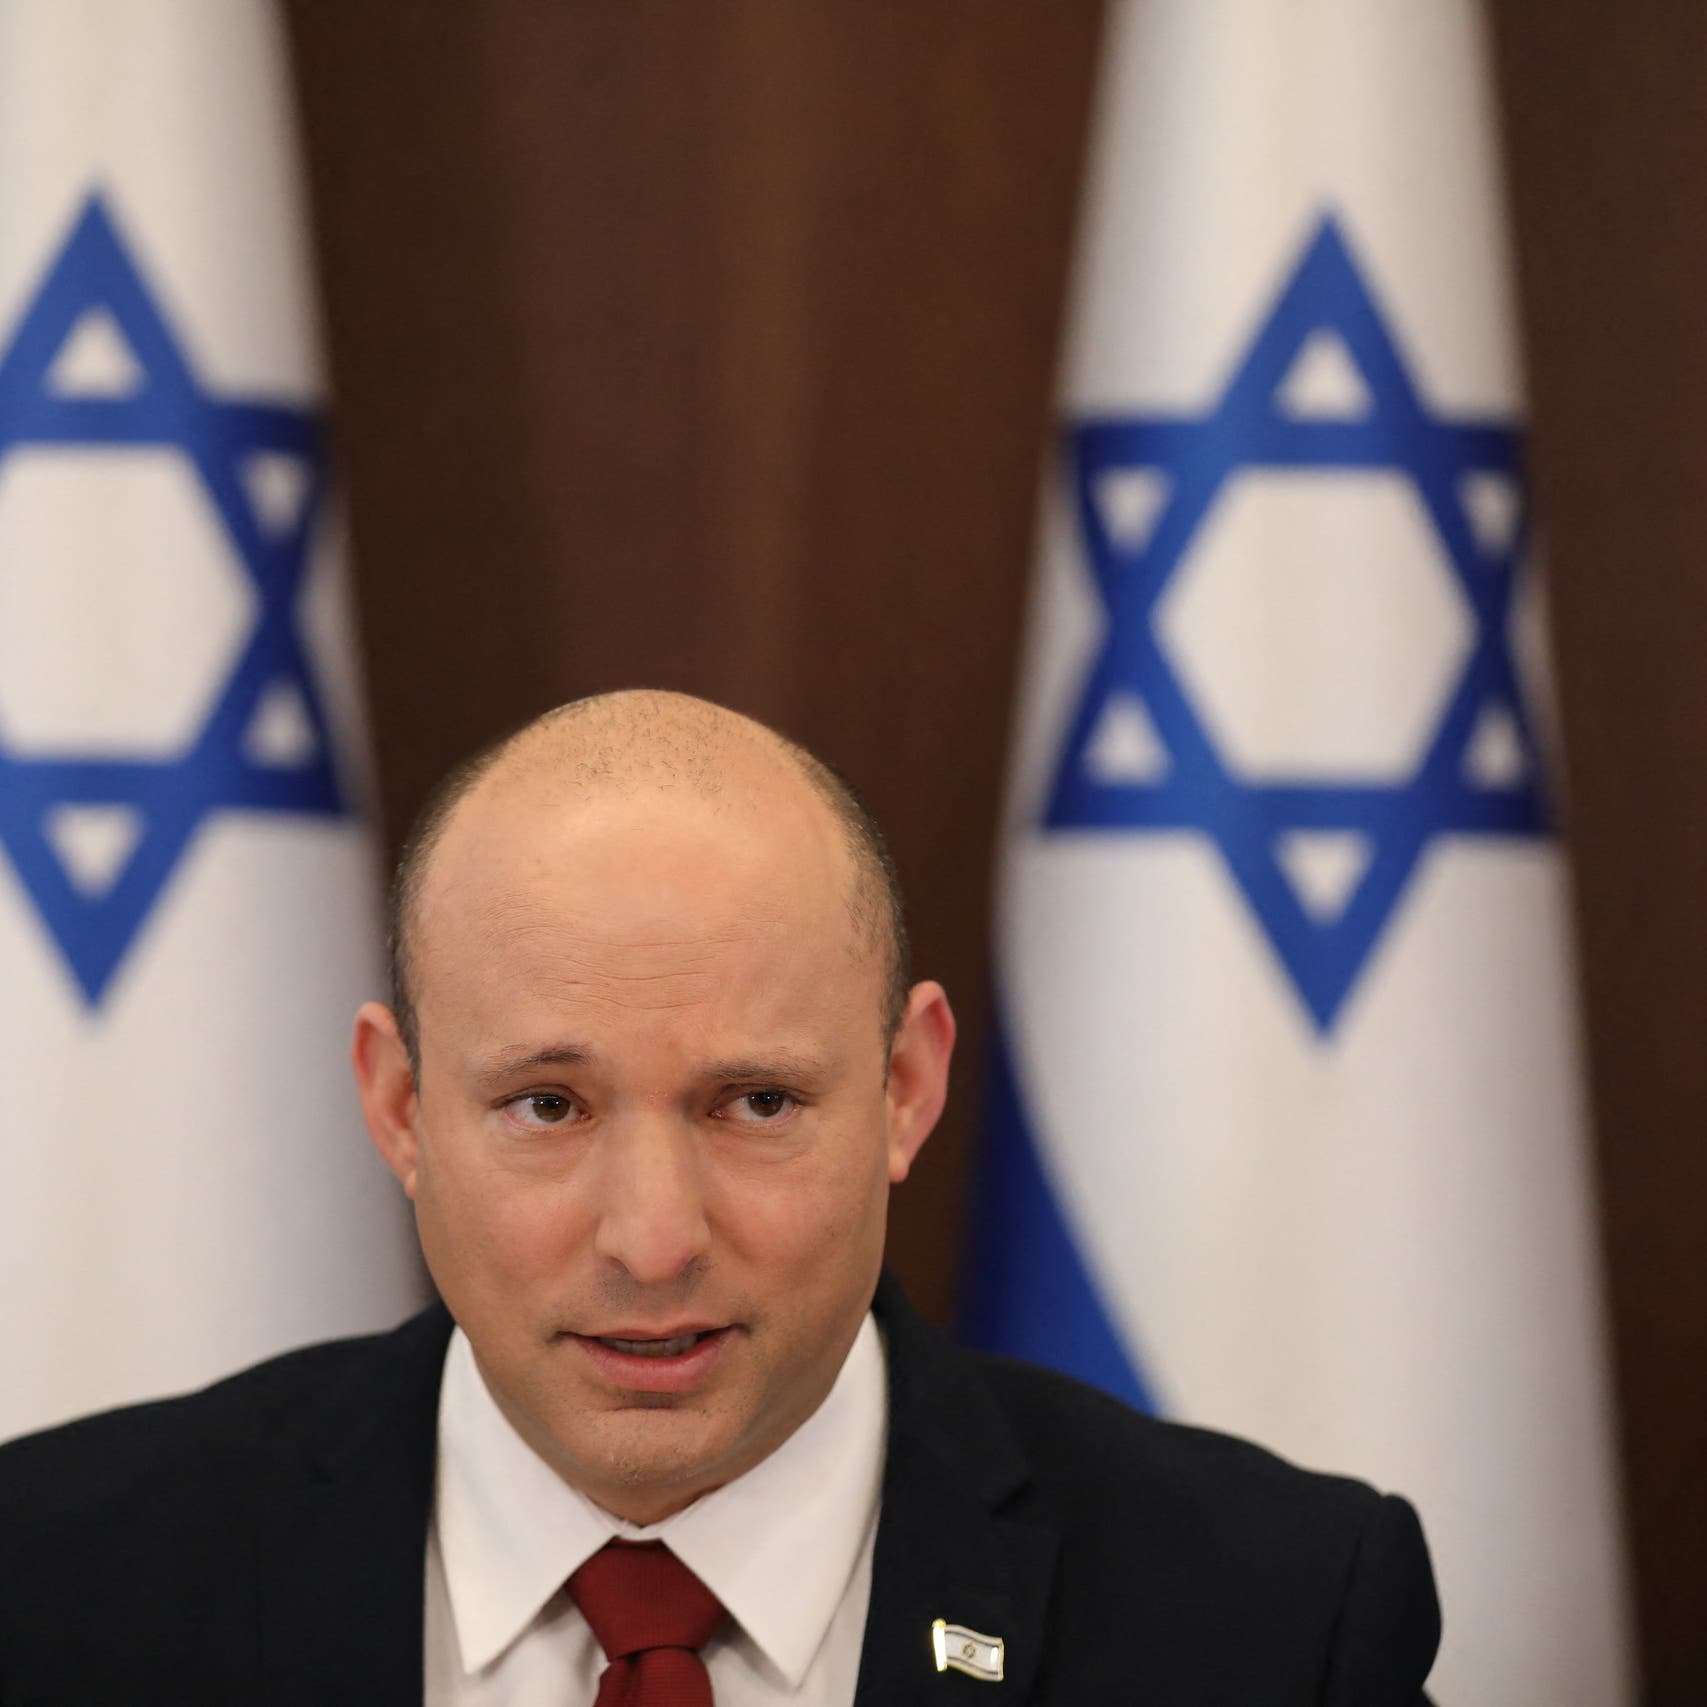 إسرائيل: العلاقات مع الإمارات والبحرين حققت ثمارا كثيرة